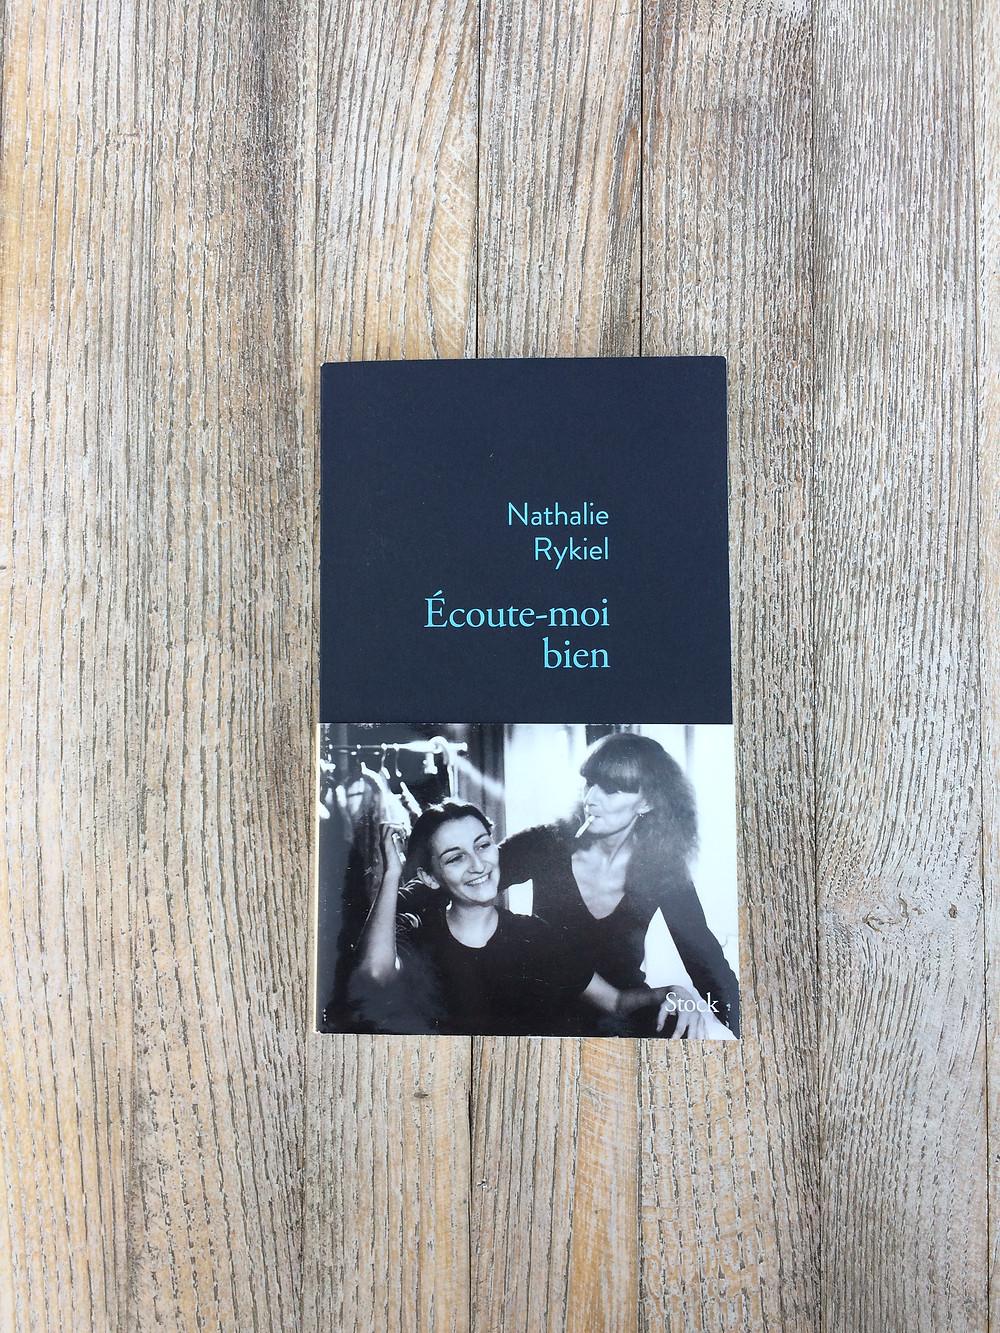 Photo du livre Ecoute-moi bien de Nathalie Rykiel (1)